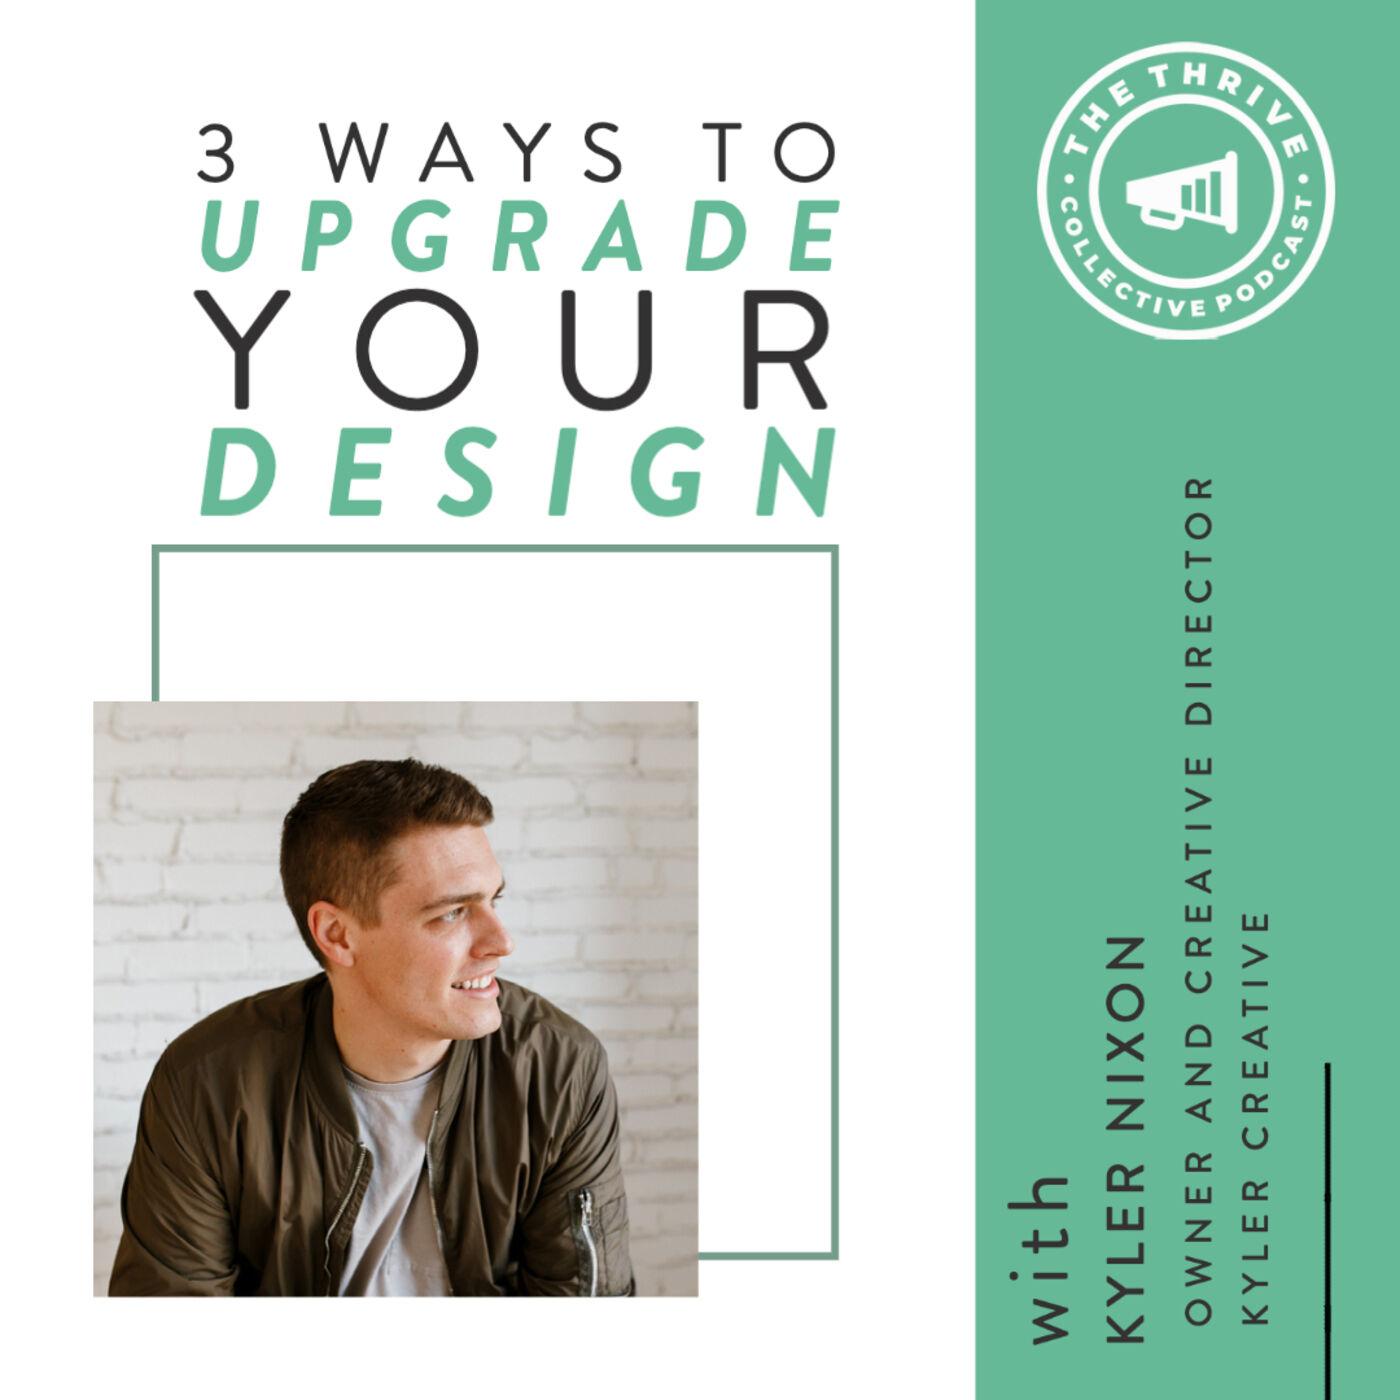 3 Ways to Upgrade Your Design with Kyler Nixon